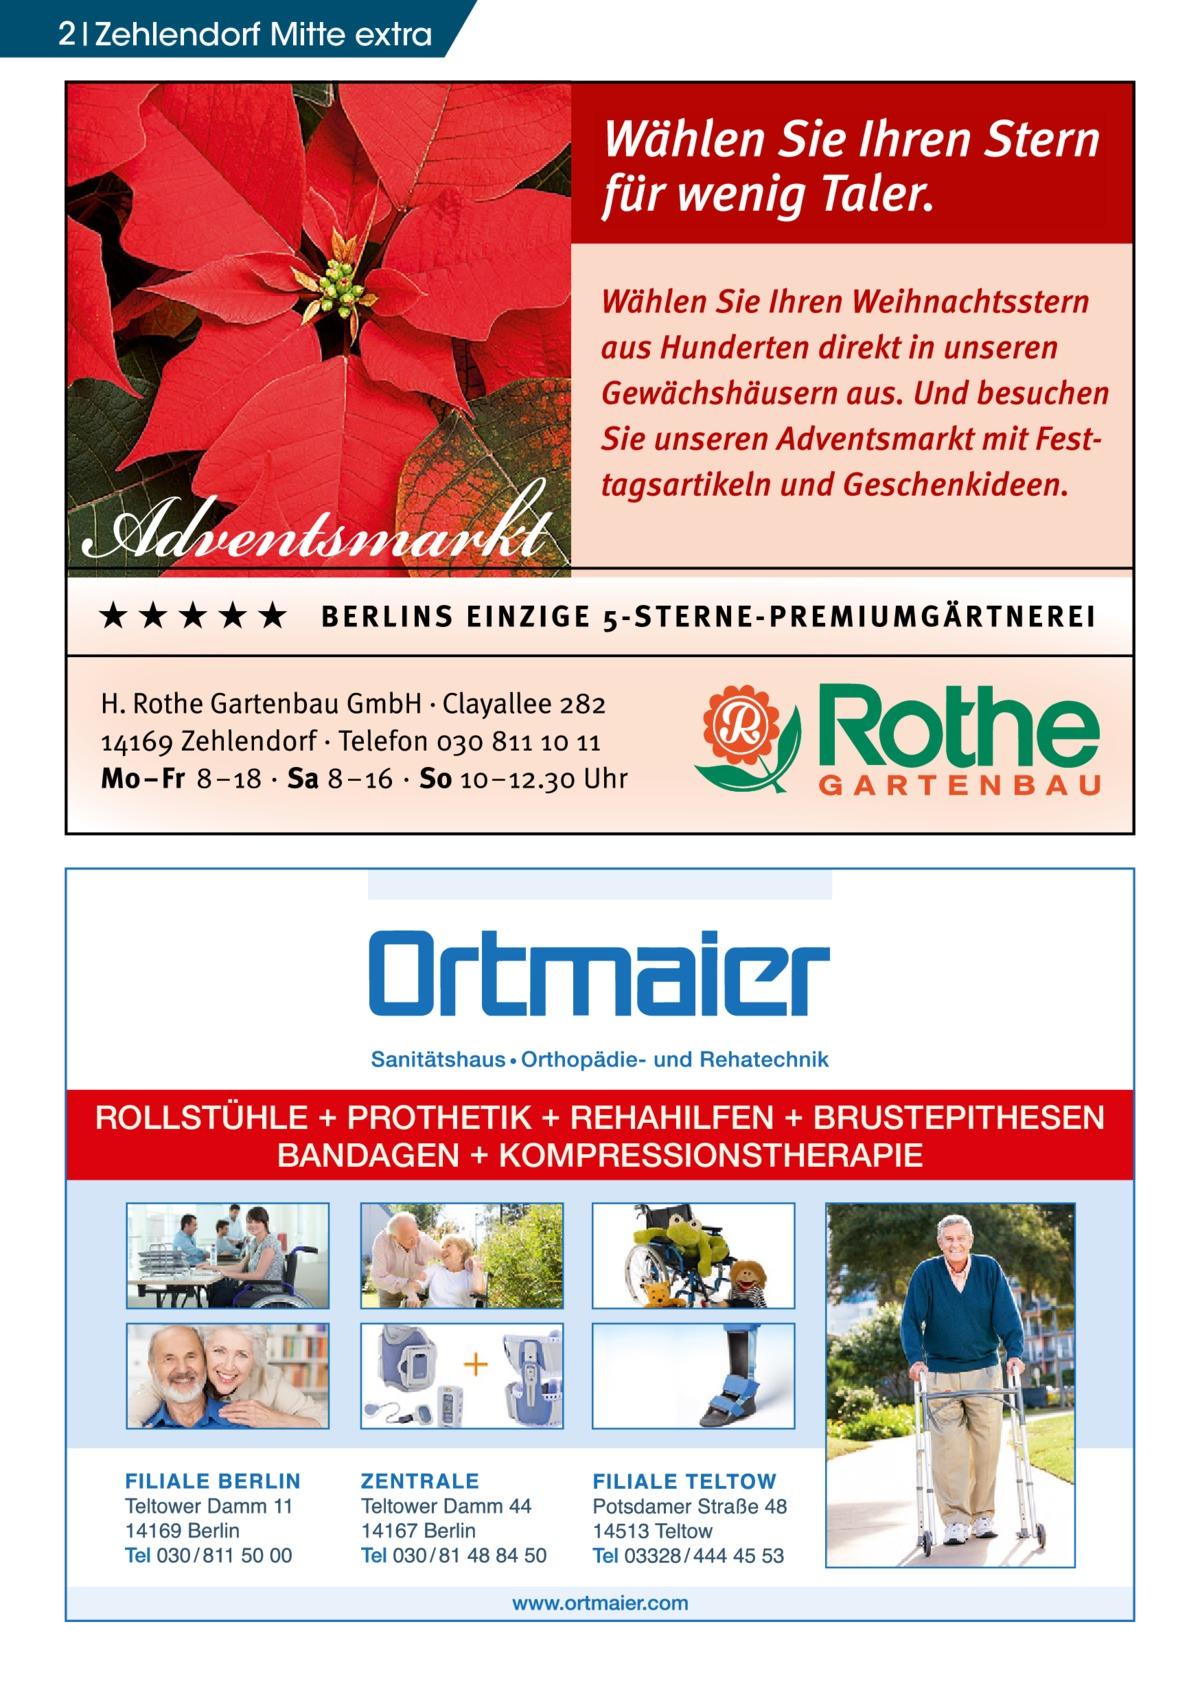 2 Zehlendorf Mitte extra  ROLLSTÜHLE + PROTHETIK + REHAHILFEN + BRUSTEPITHESEN BANDAGEN + KOMPRESSIONSTHERAPIE